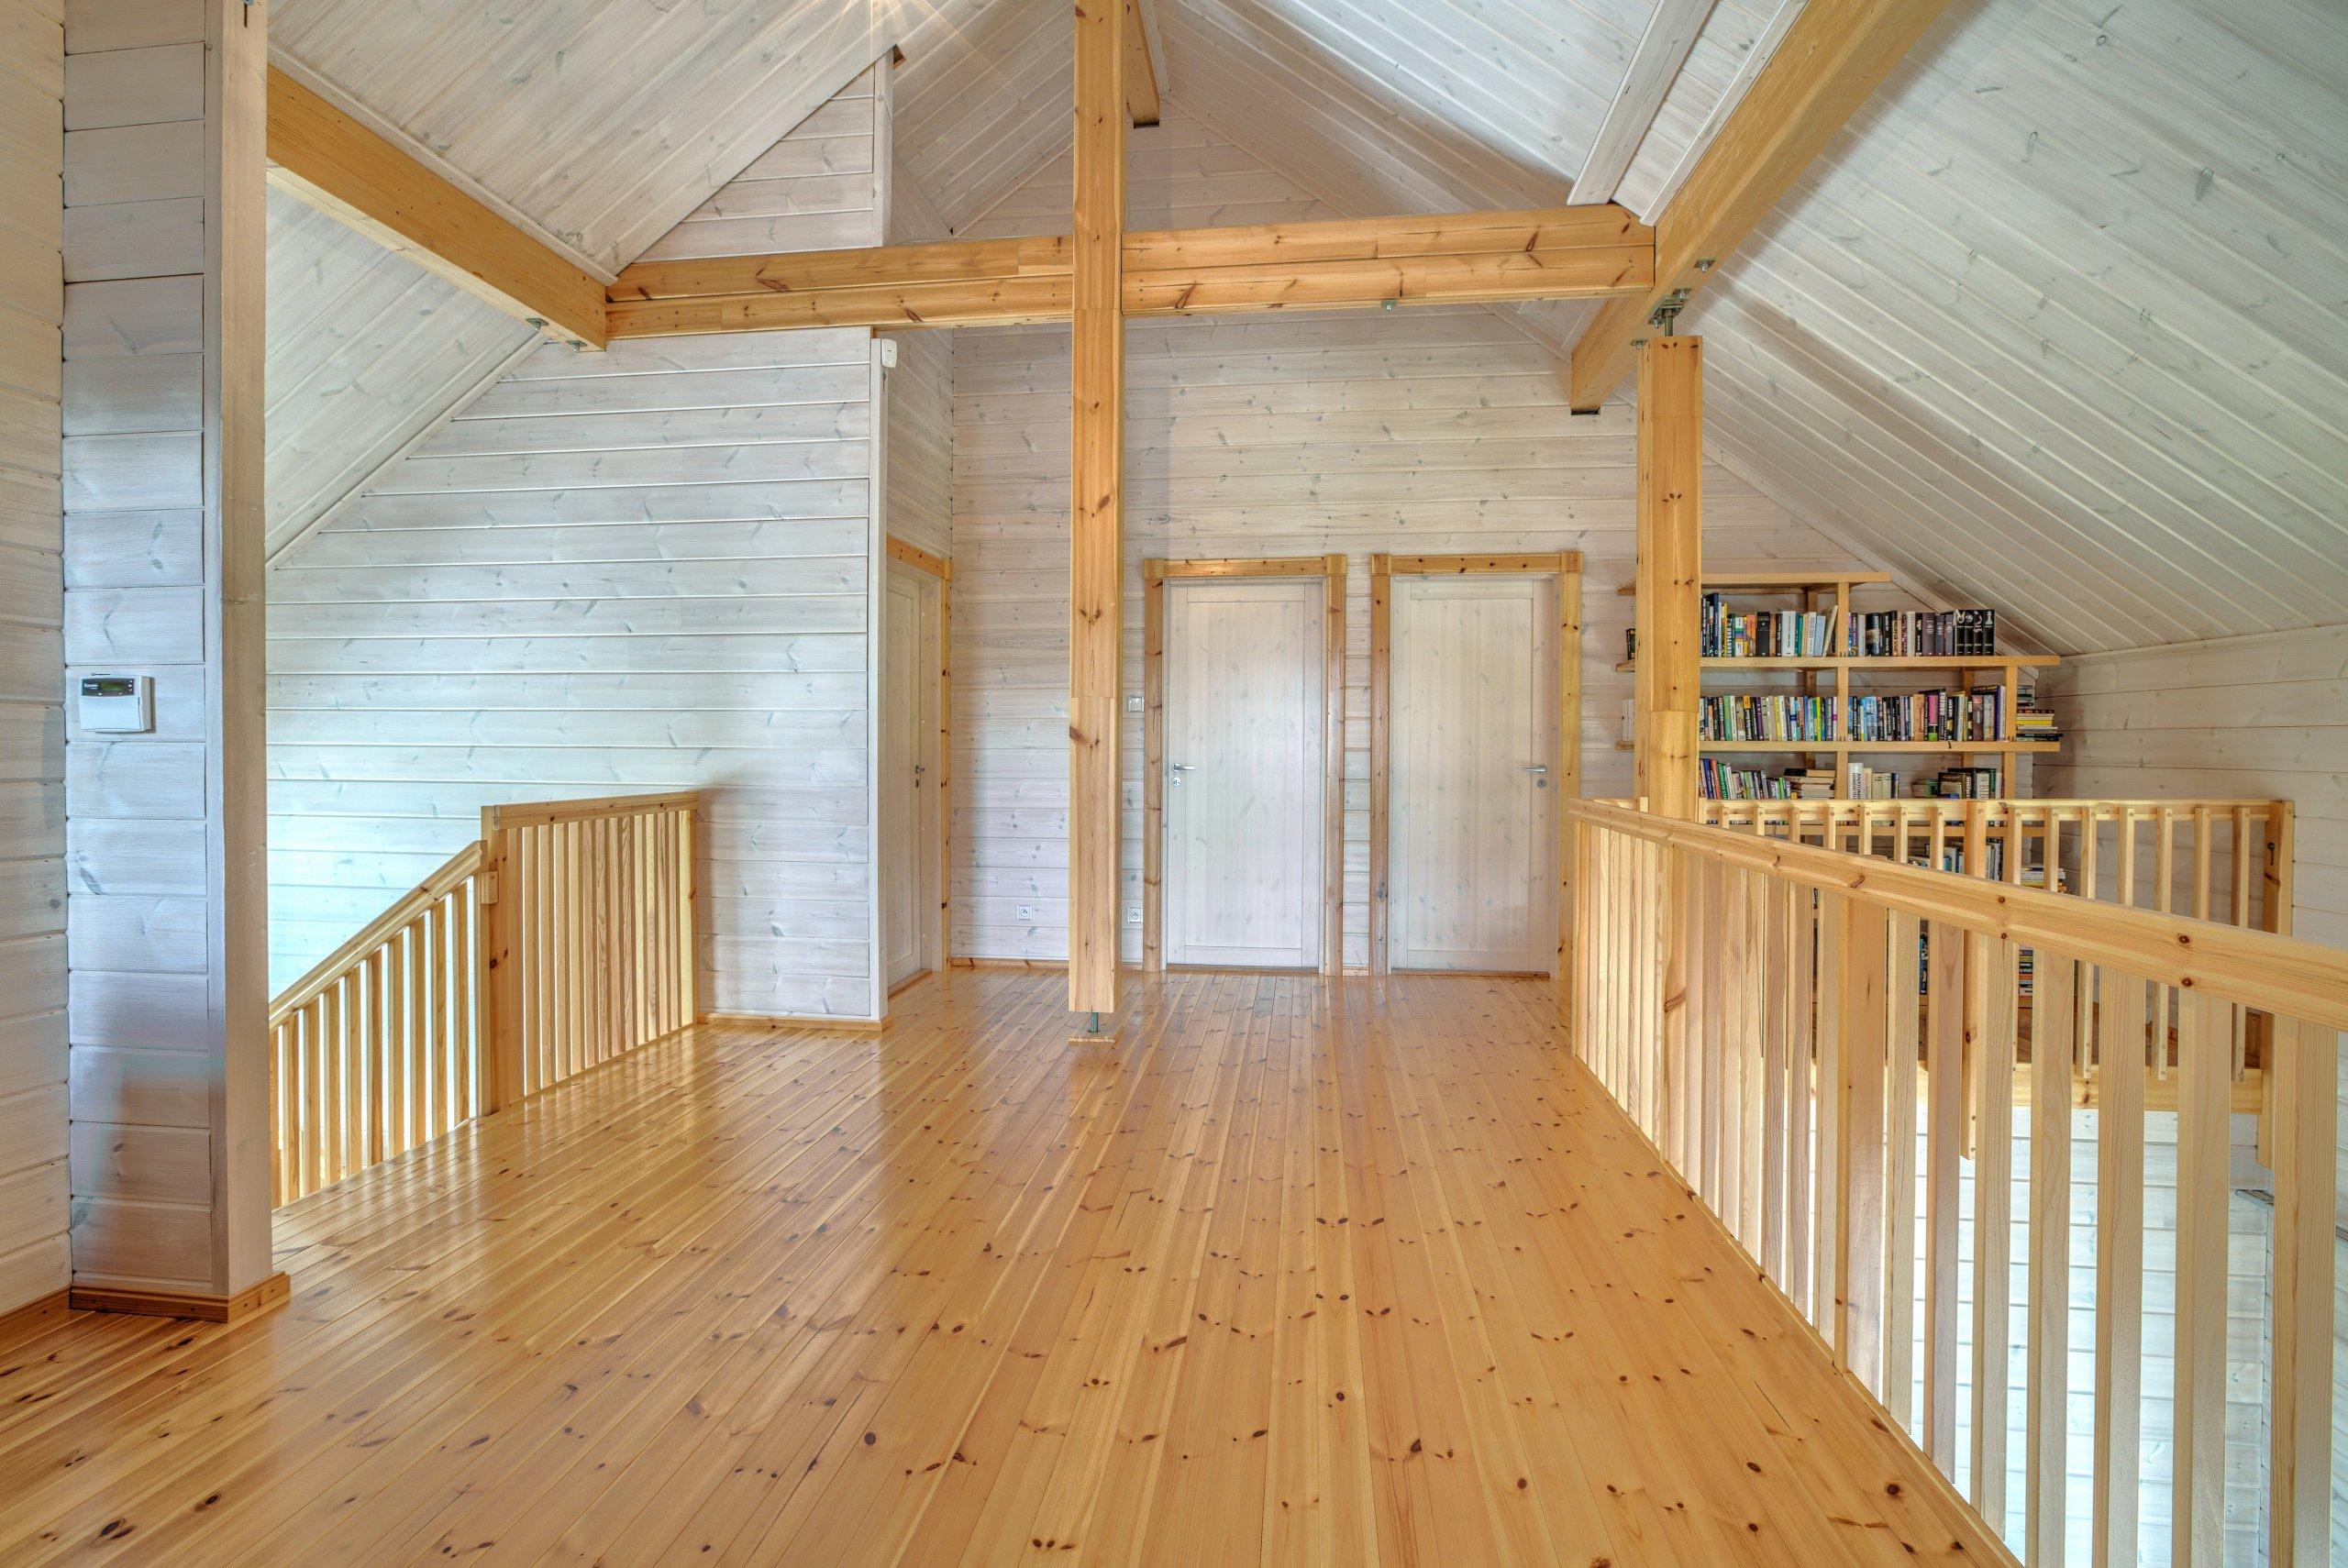 Prostorný finský srubový dům z nesedavých trámů vyrobených unikátní technologií z pomalu rostlé arktické borovice. Dřevo je ponecháno v přírodní barvě. V…